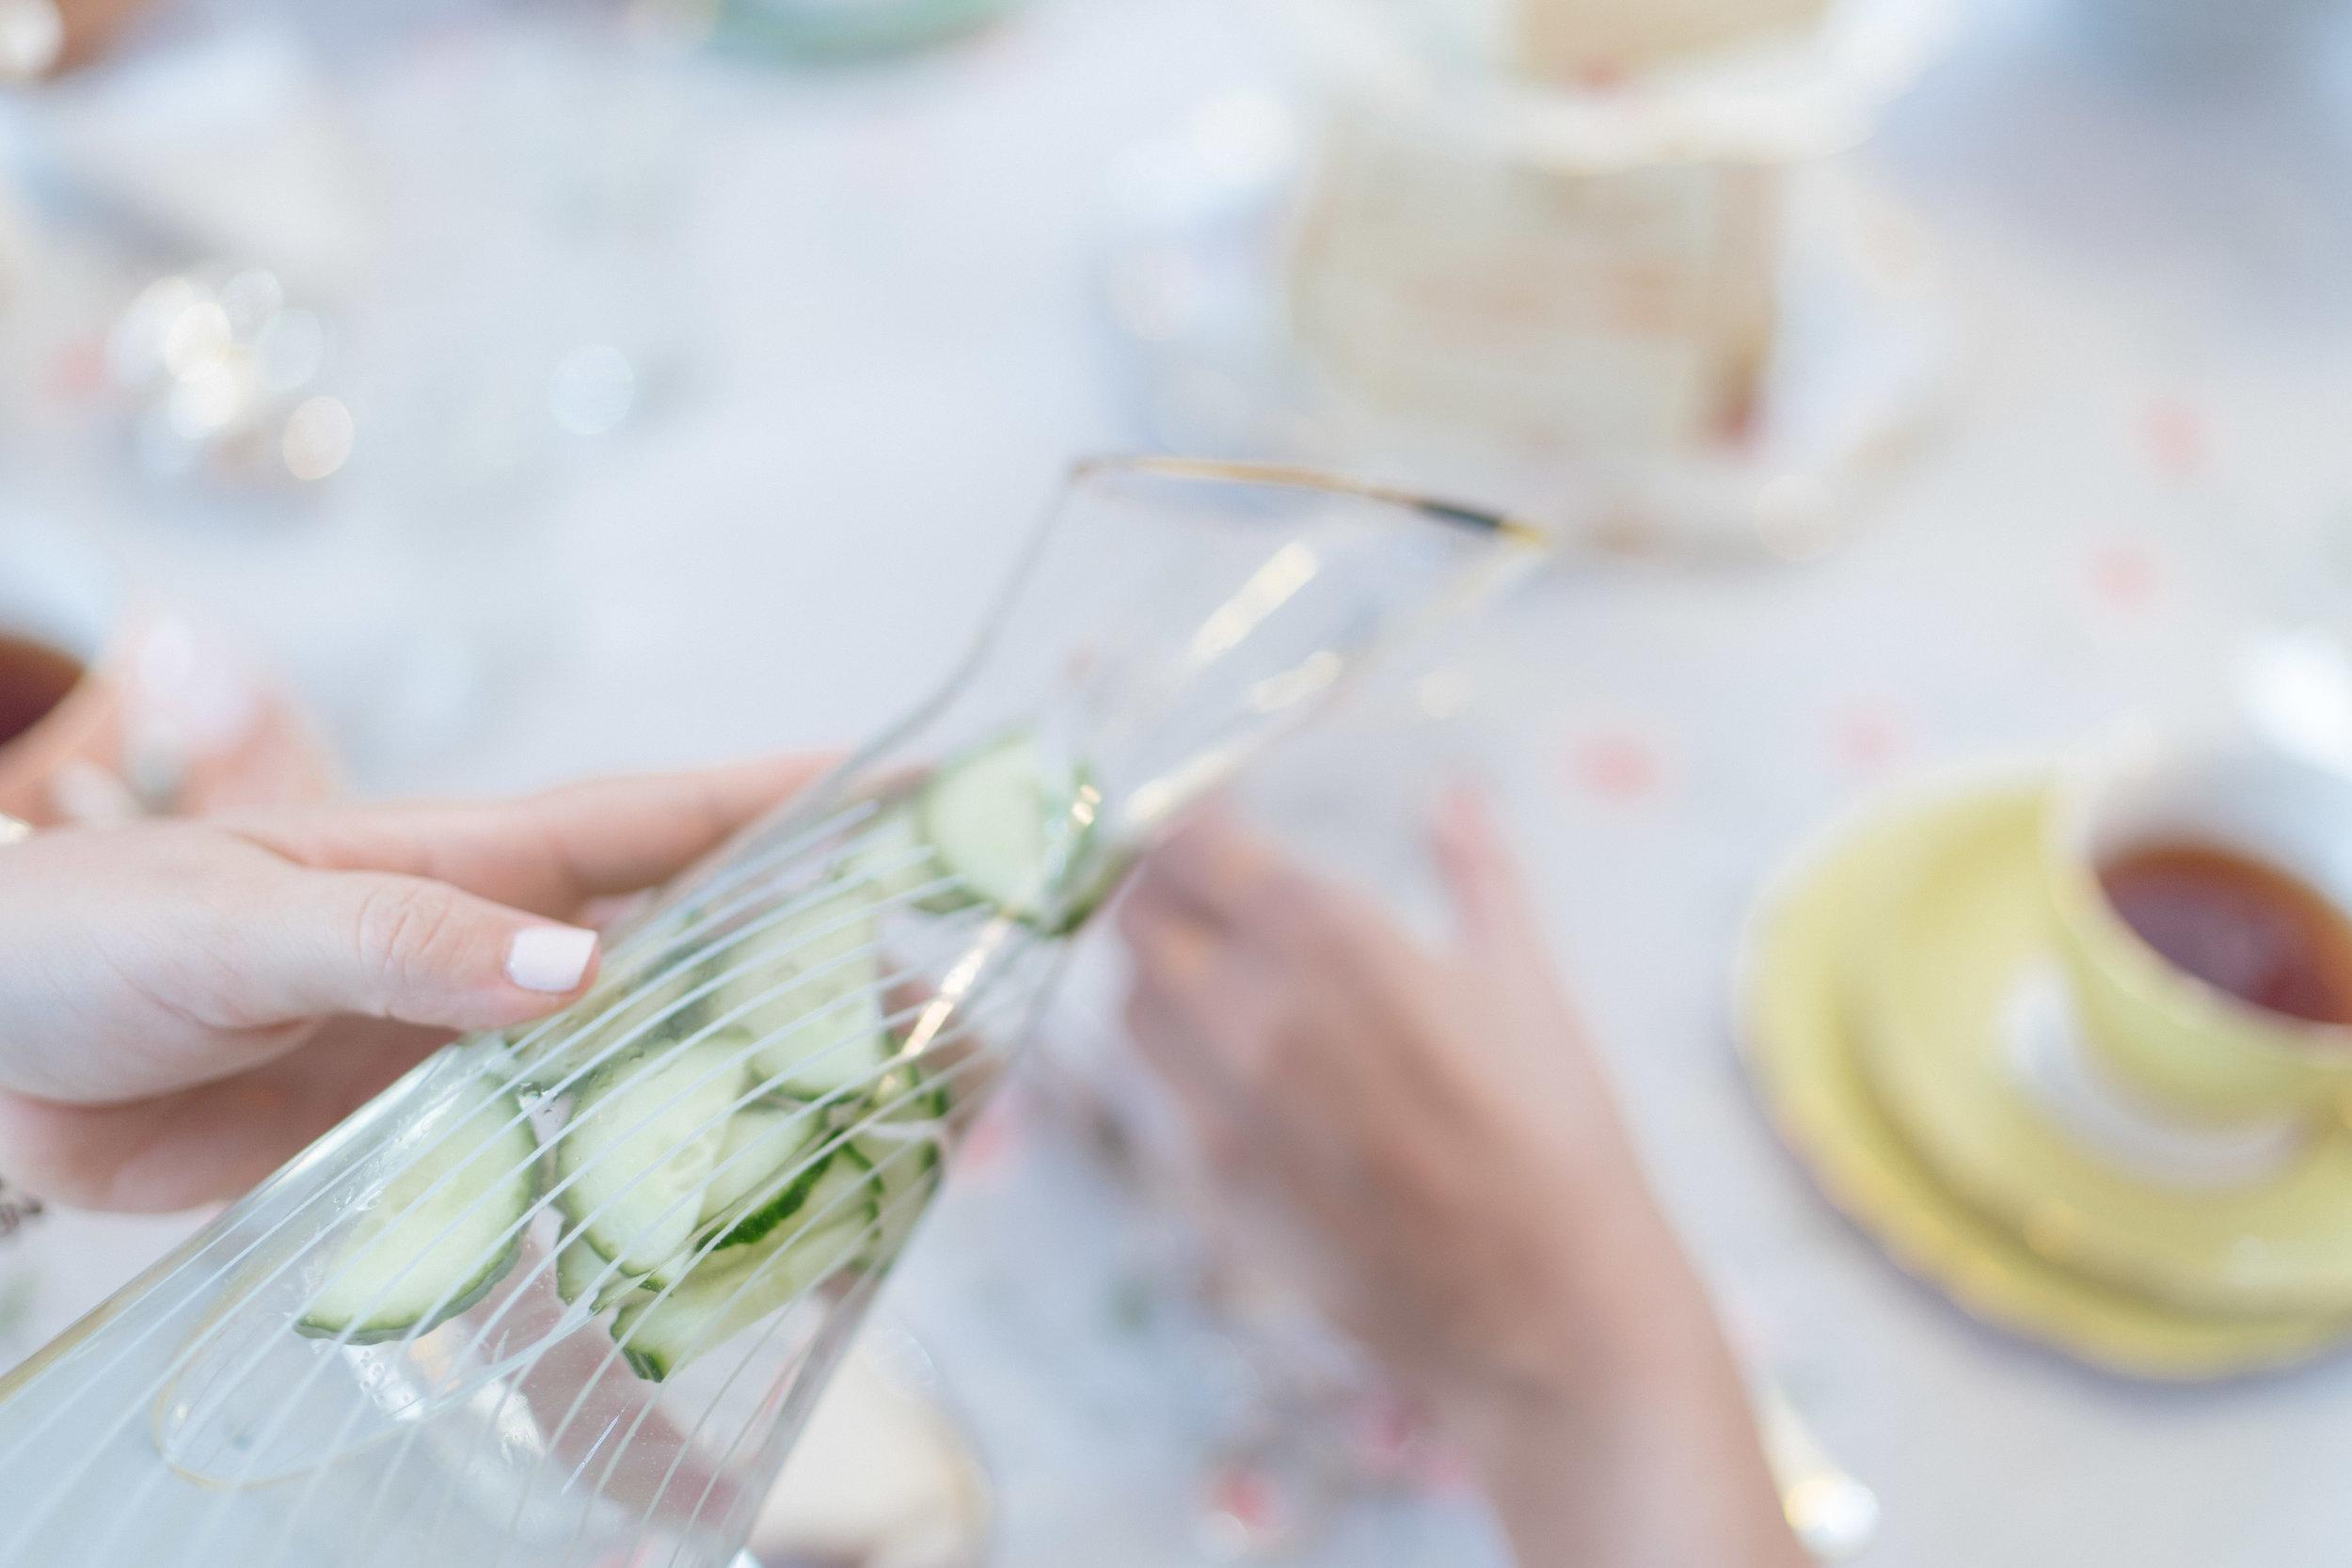 Κρύα ροφήματα - Iced tea με υβίσκο, Earl Grey & φρέσκο δυόσμοΛεμονάδα αρωματισμένη με λεβάνταΡοζ λεμονάδα με φρέσκα σμέουραSparkling water με φράουλες και ροδόνερο